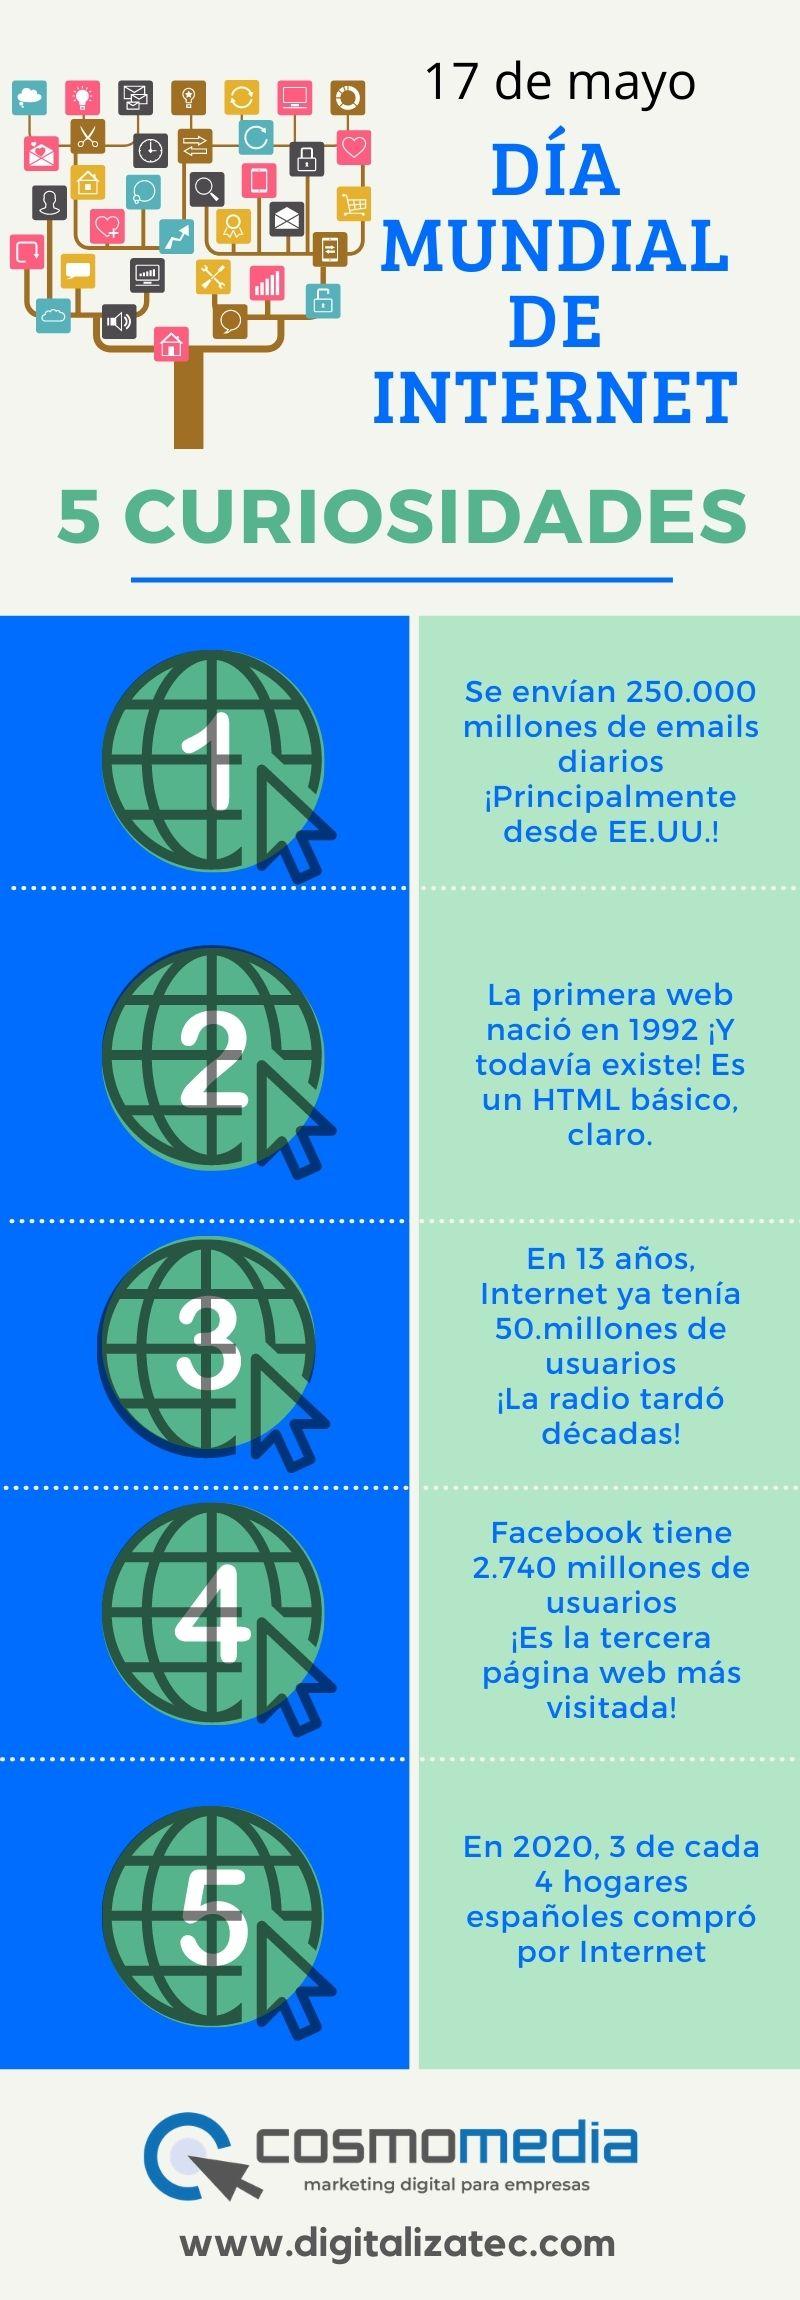 Curiosidades de Internet - Infografía